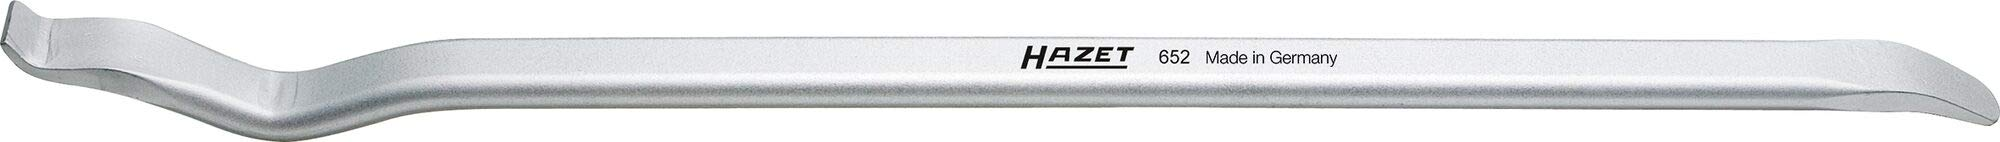 Hazet 652 Tyre Lever 23,62'' by Hazet